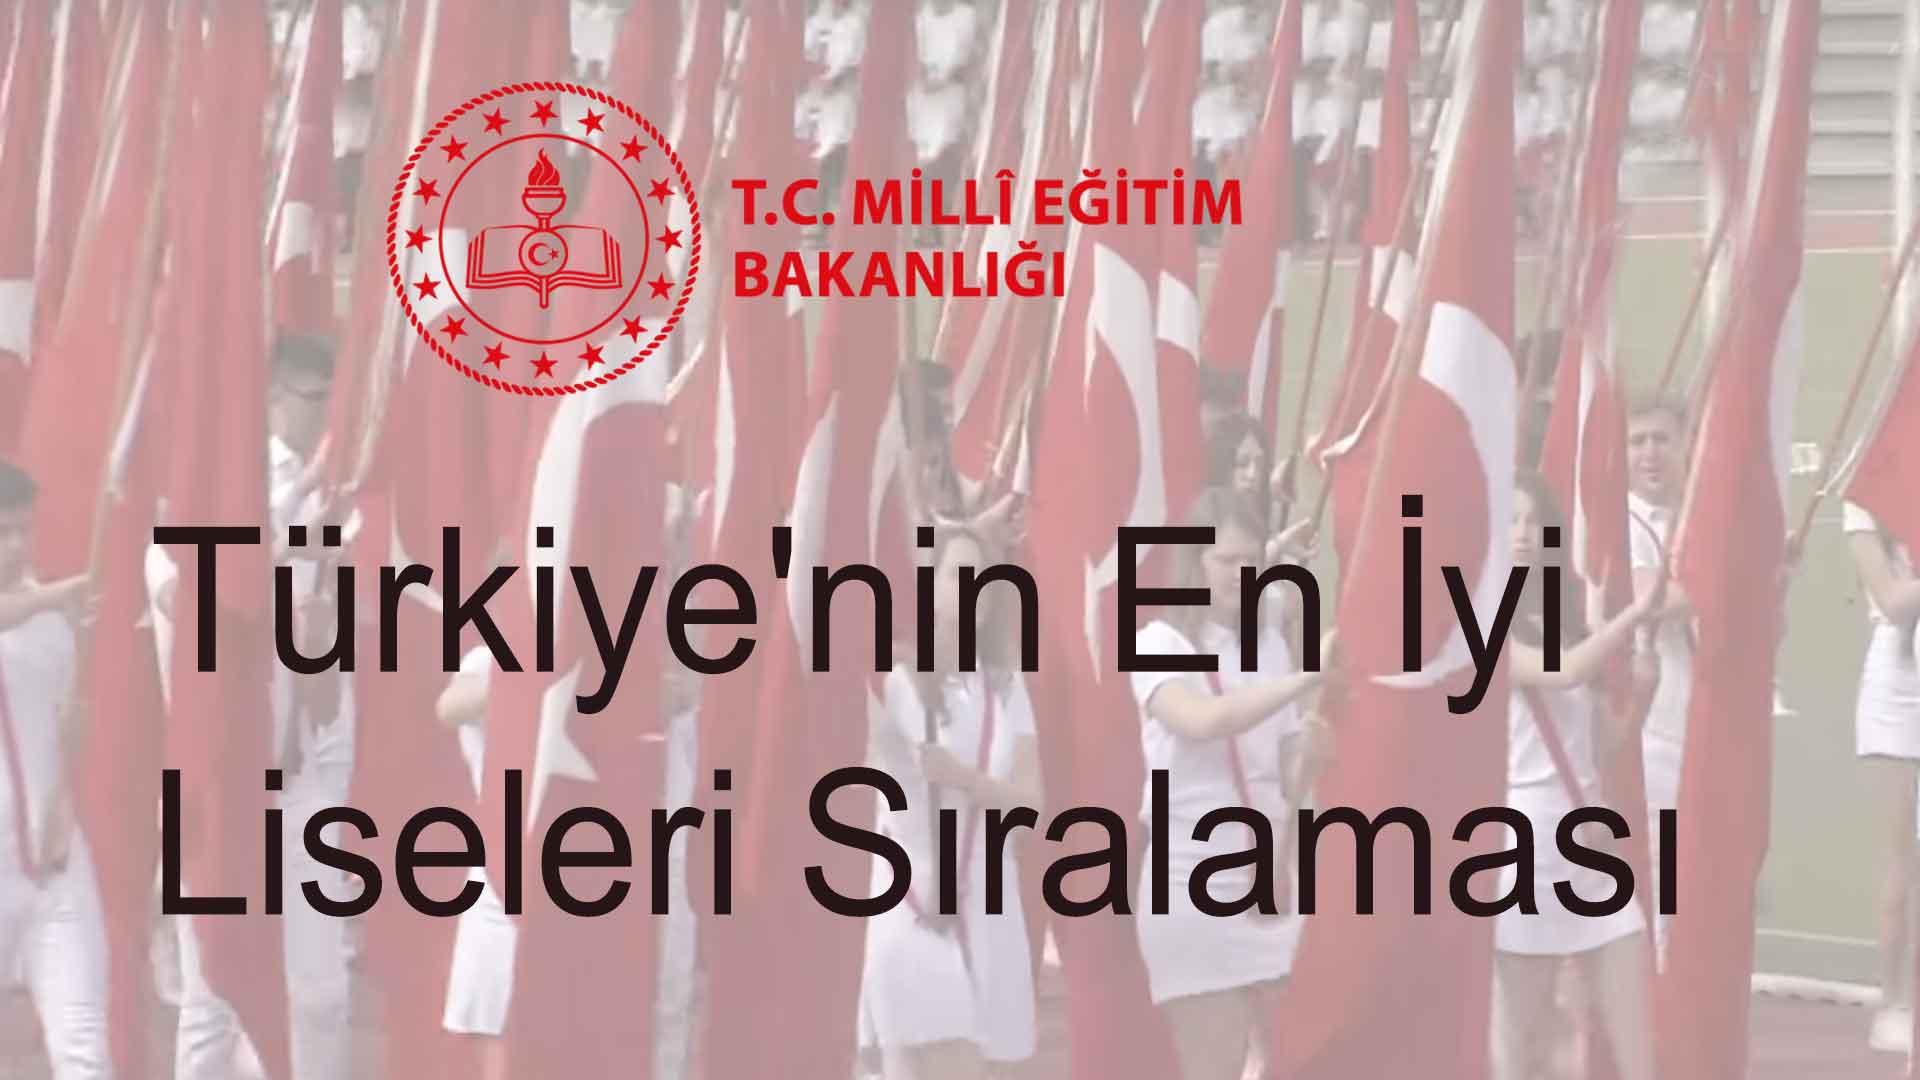 Türkiye'nin En İyi Liseleri Sıralaması (2020)?fit=thumb&w=418&h=152&q=80